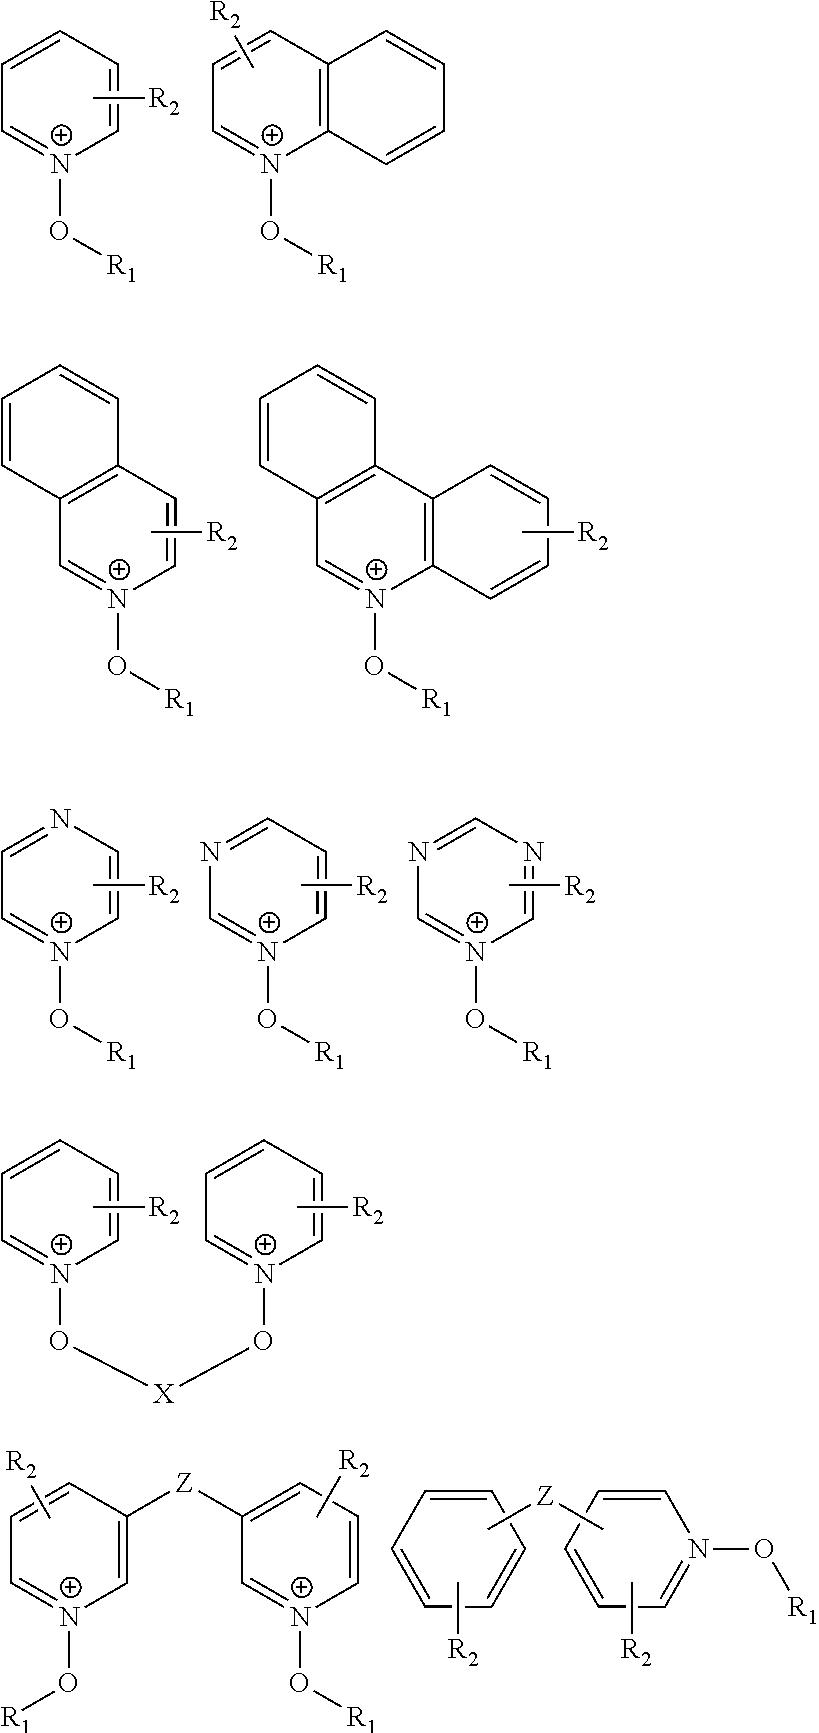 Figure US20120295999A1-20121122-C00030